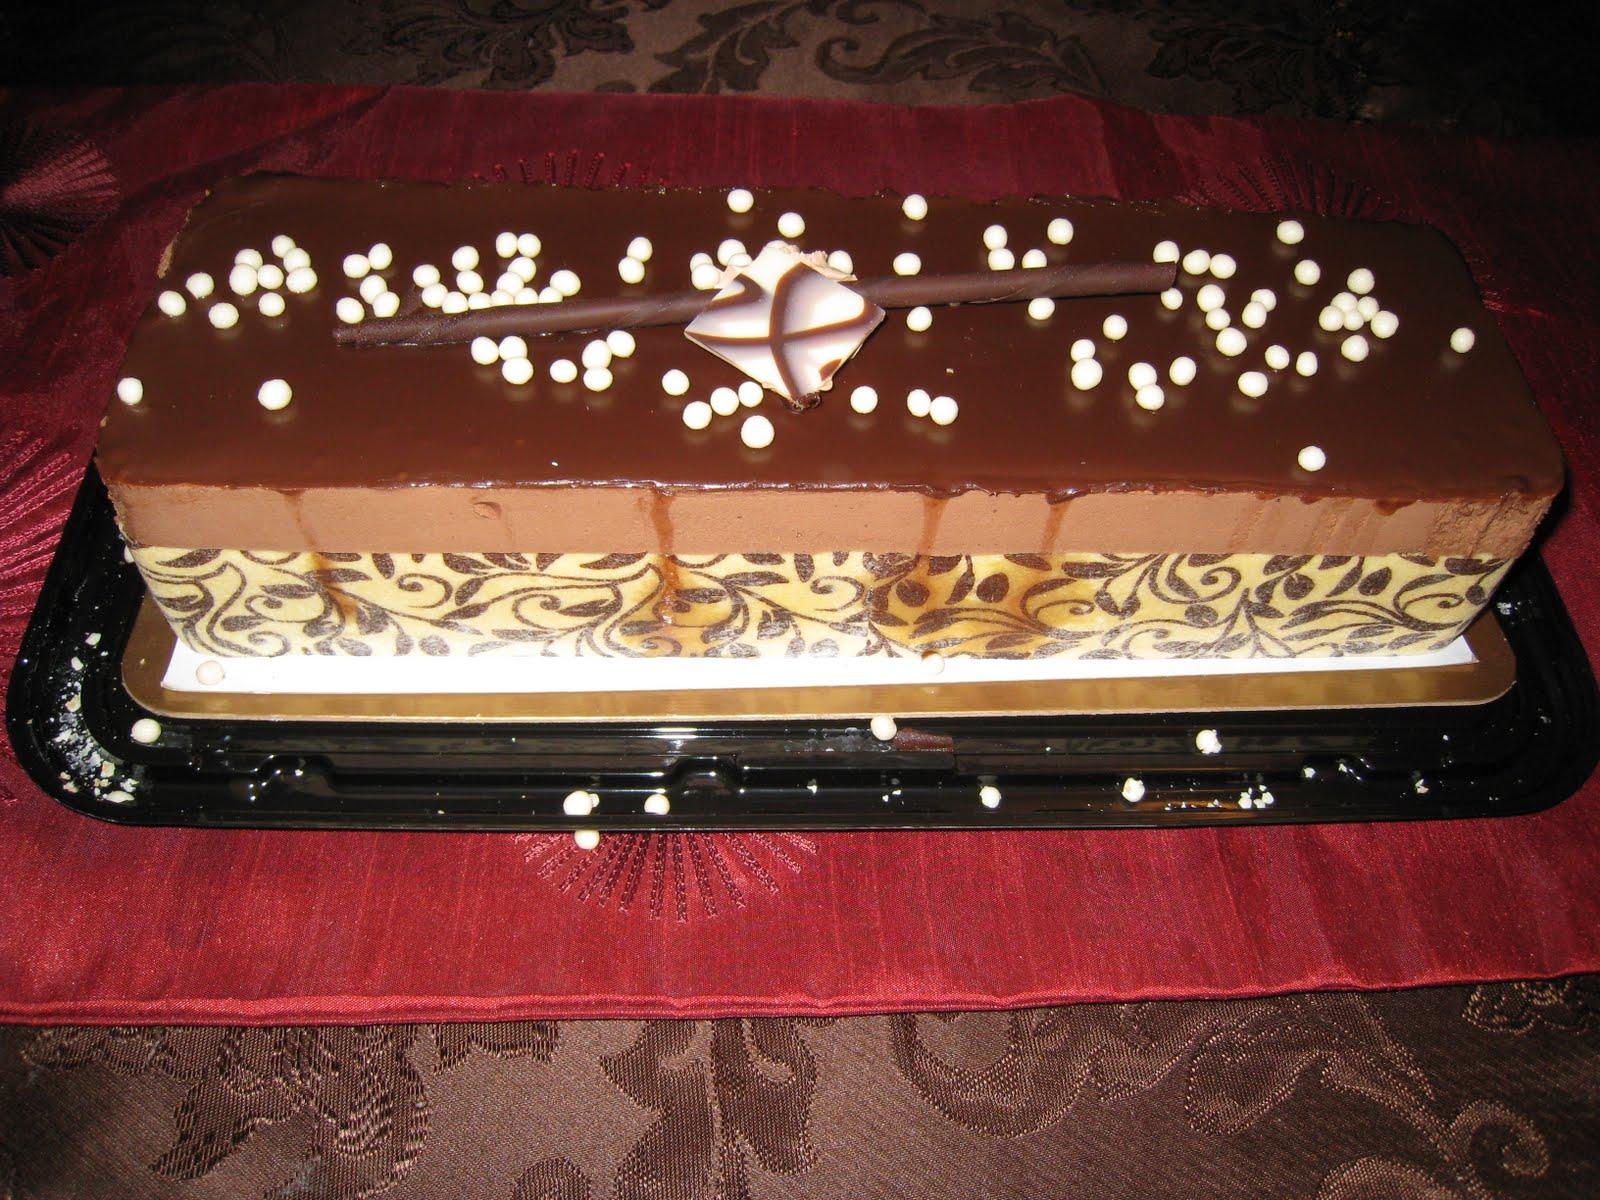 Tuxedo cake costco recipe